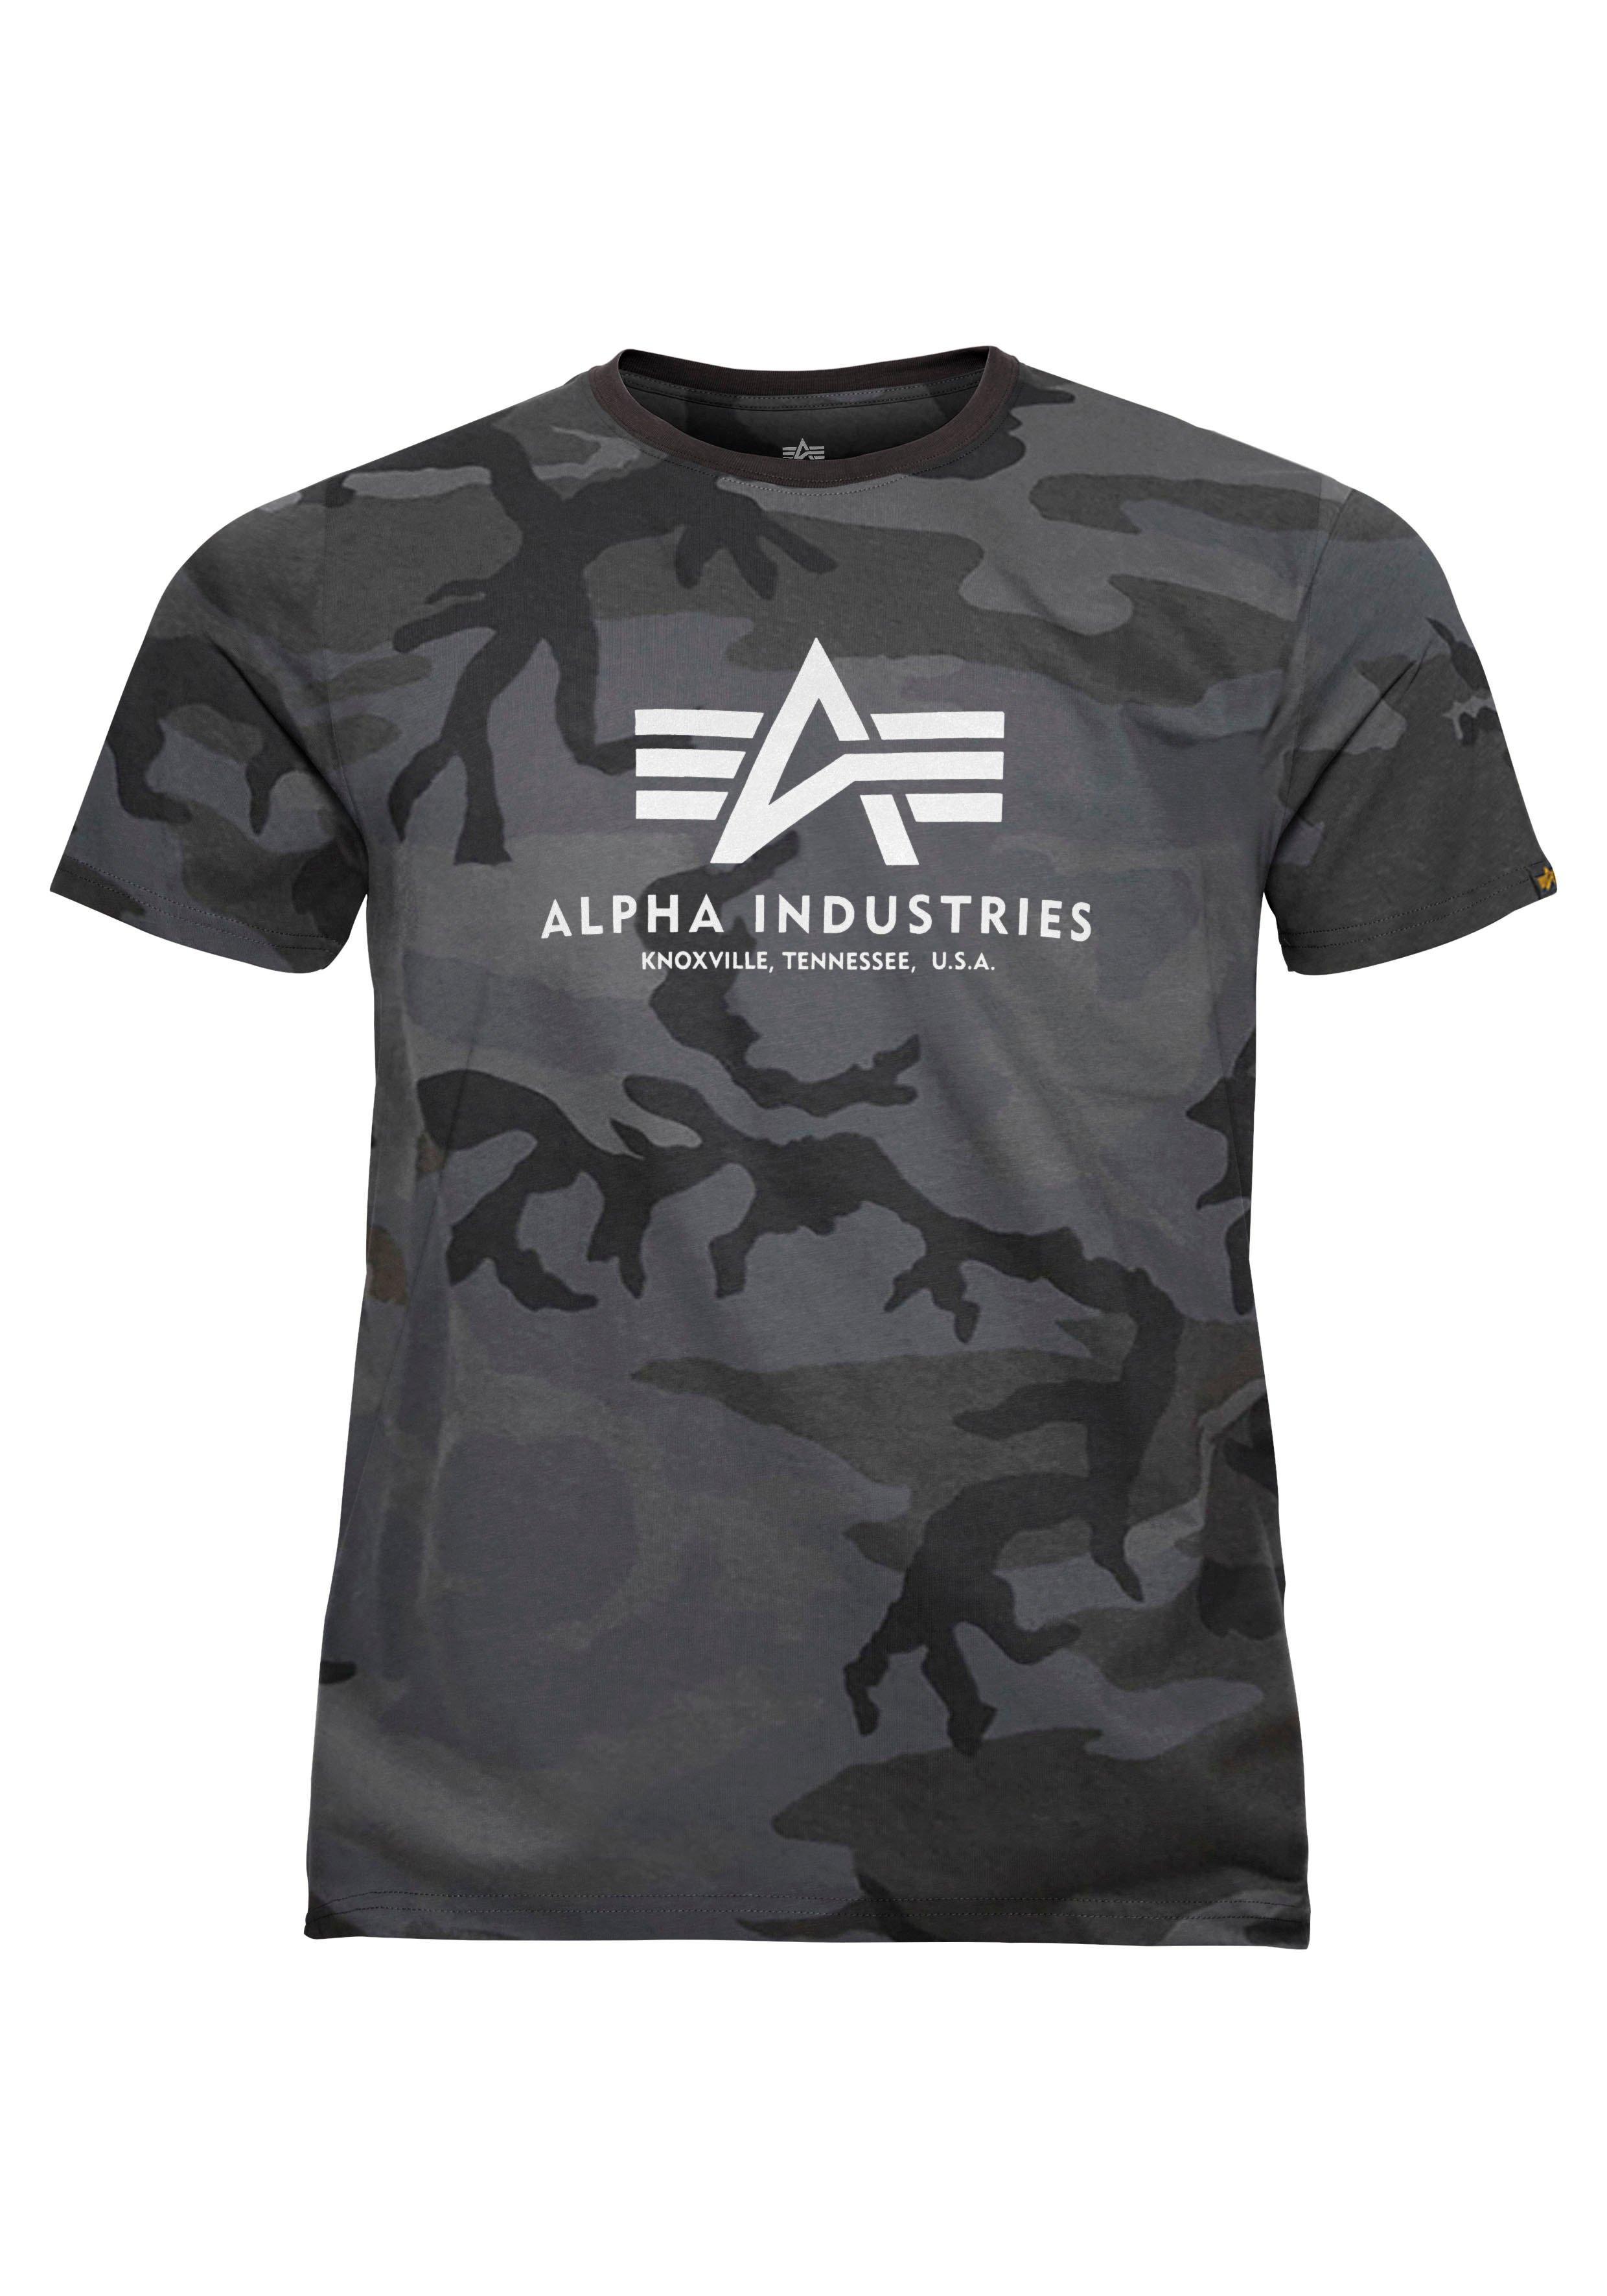 Alpha Industries T-shirt Basic T-shirt - gratis ruilen op otto.nl